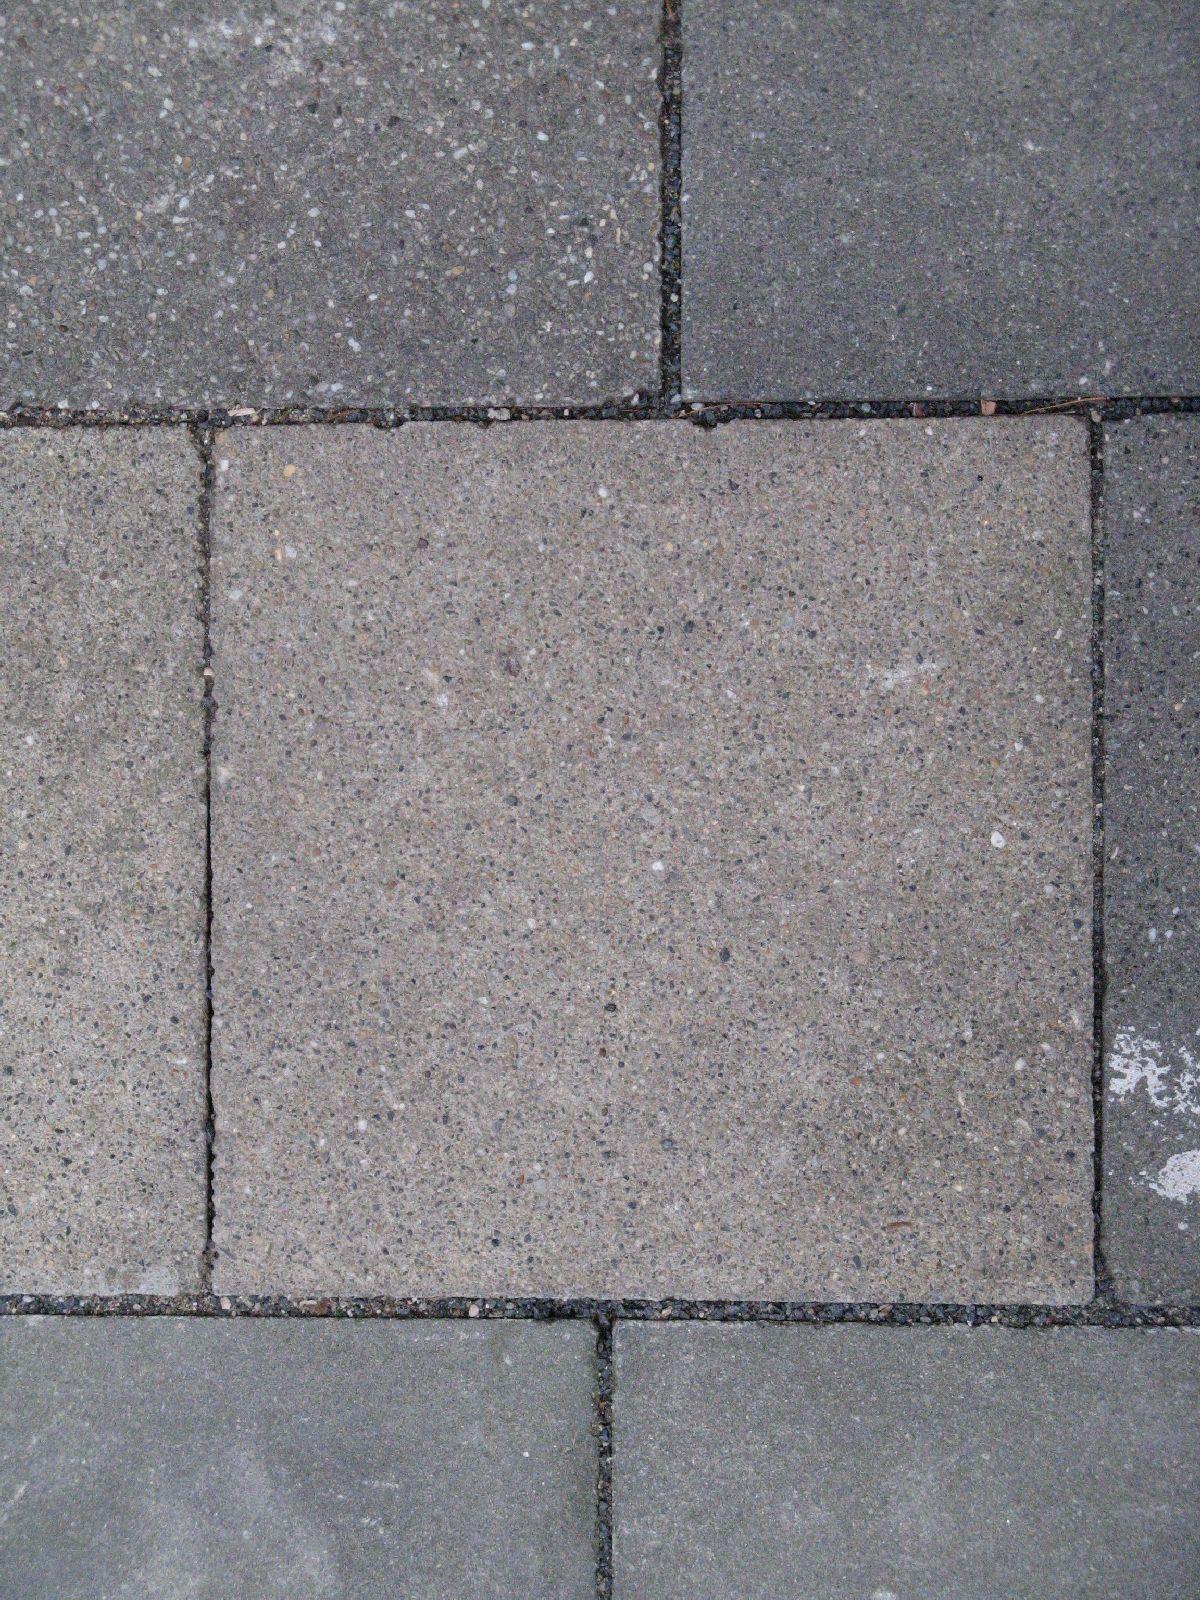 Ground-Urban_Texture_B_02579